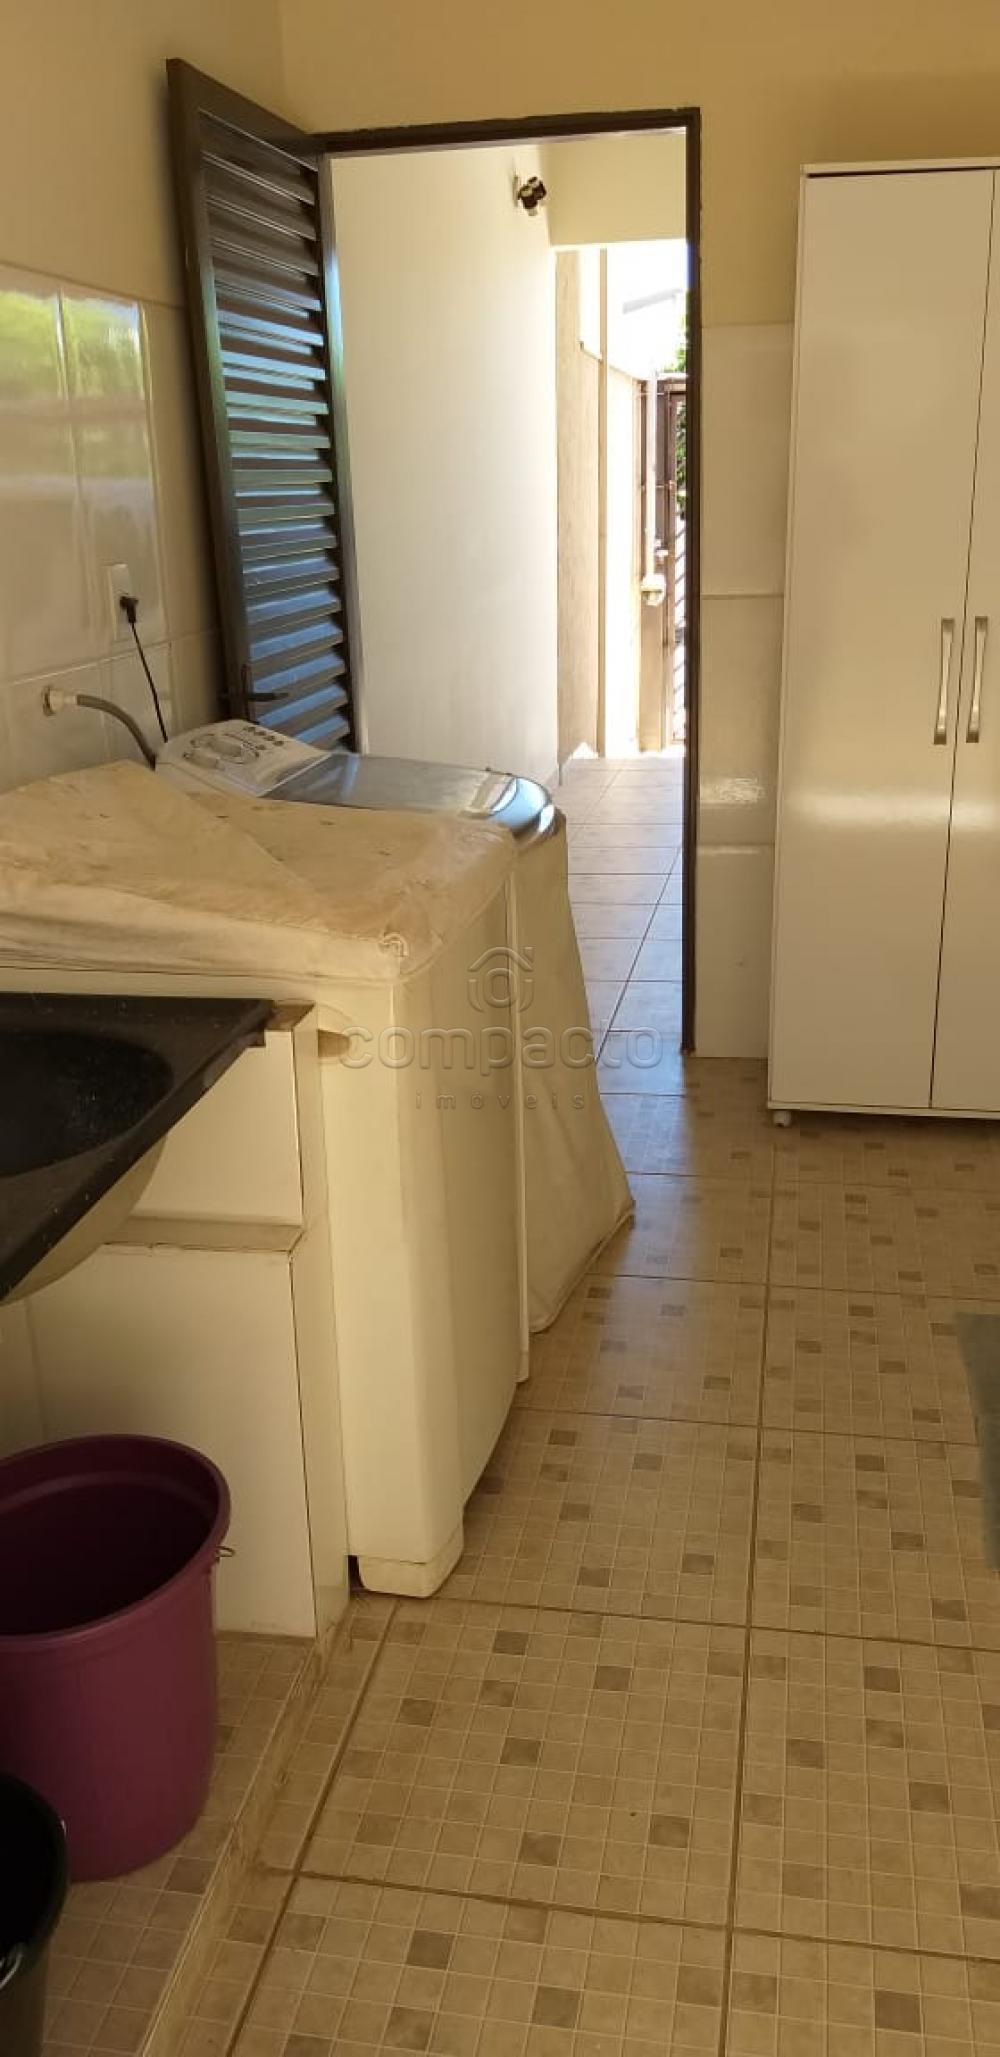 Comprar Casa / Padrão em São José do Rio Preto apenas R$ 420.000,00 - Foto 19